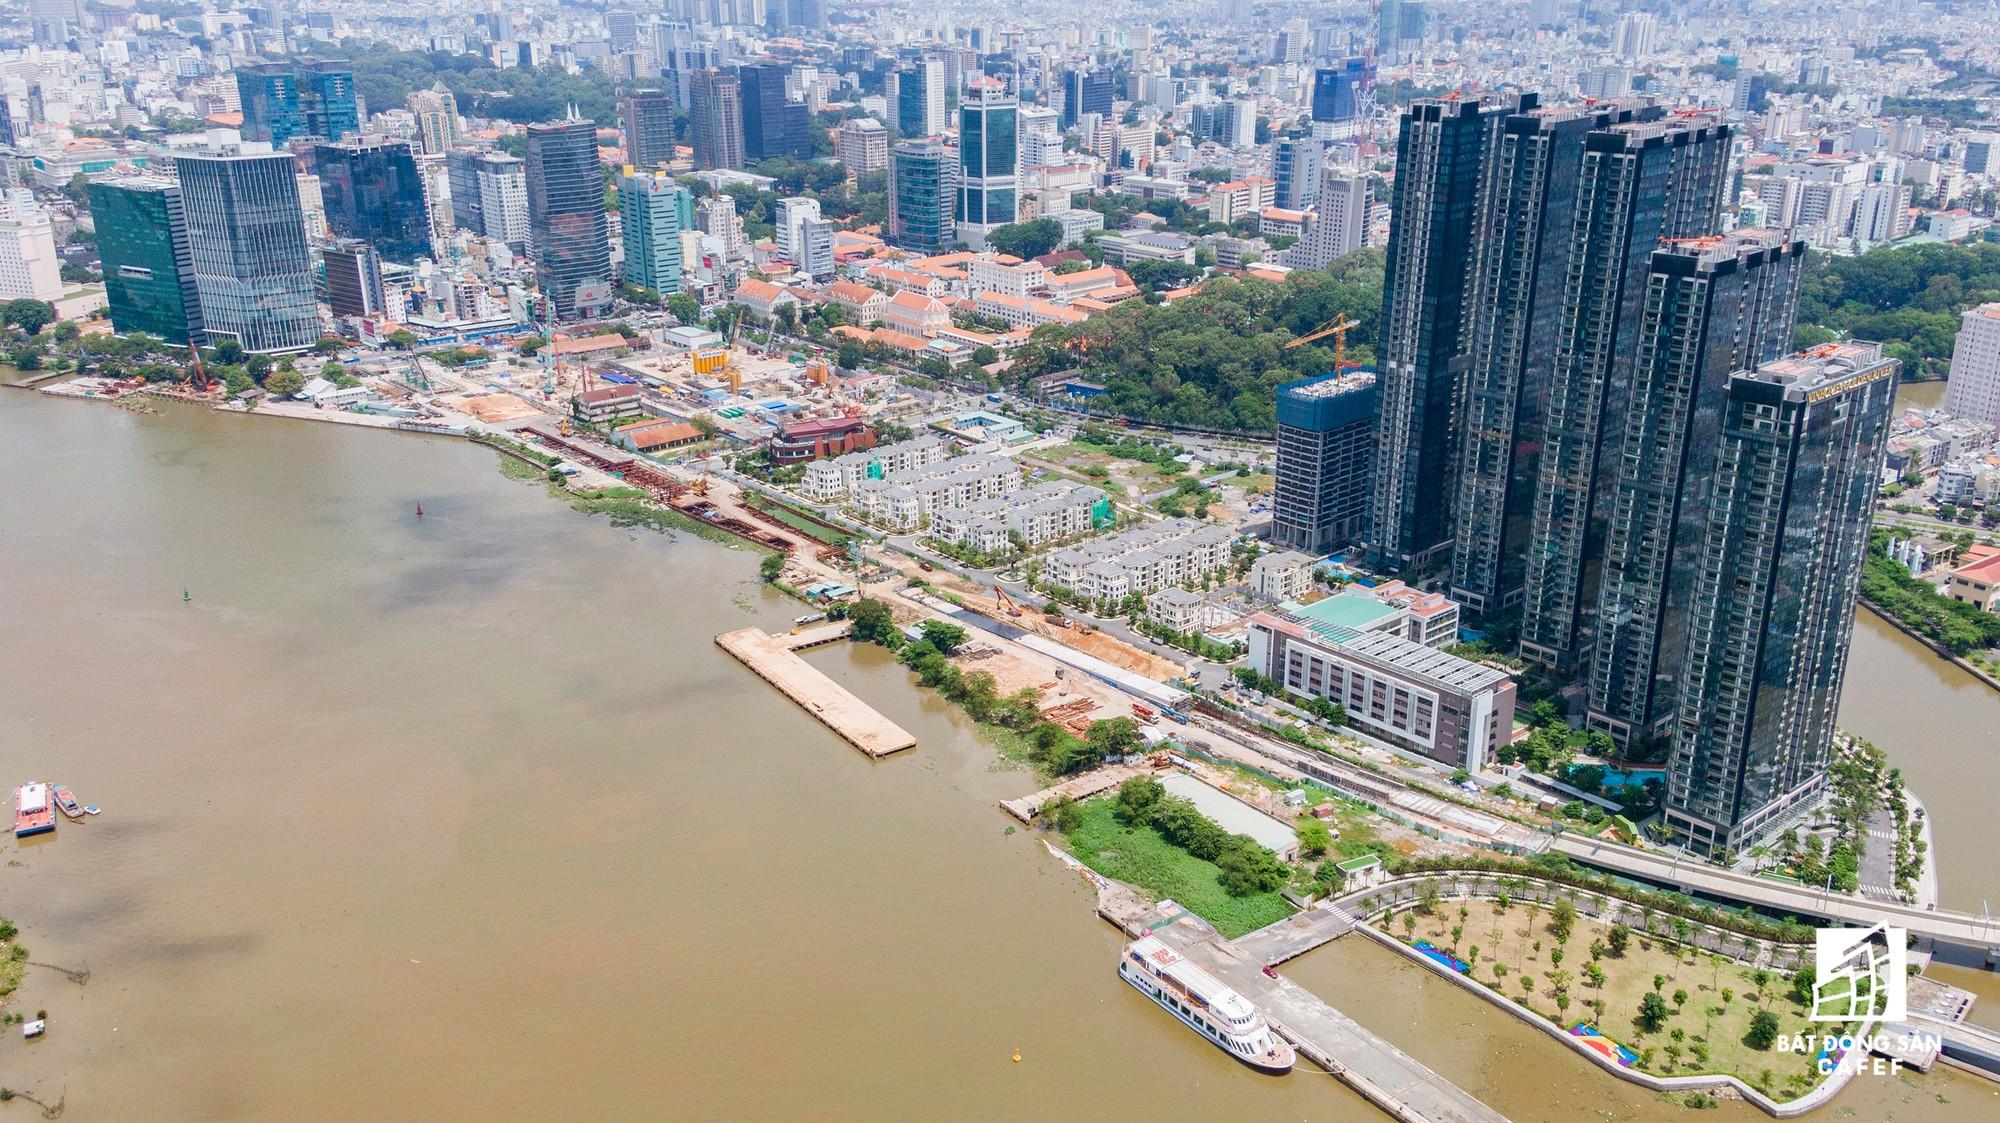 Diện mạo hai bờ sông Sài Gòn tương lai nhìn từ loạt siêu dự án tỷ đô, khu vực trung tâm giá nhà lên hơn 1 tỷ đồng/m2 - Ảnh 21.